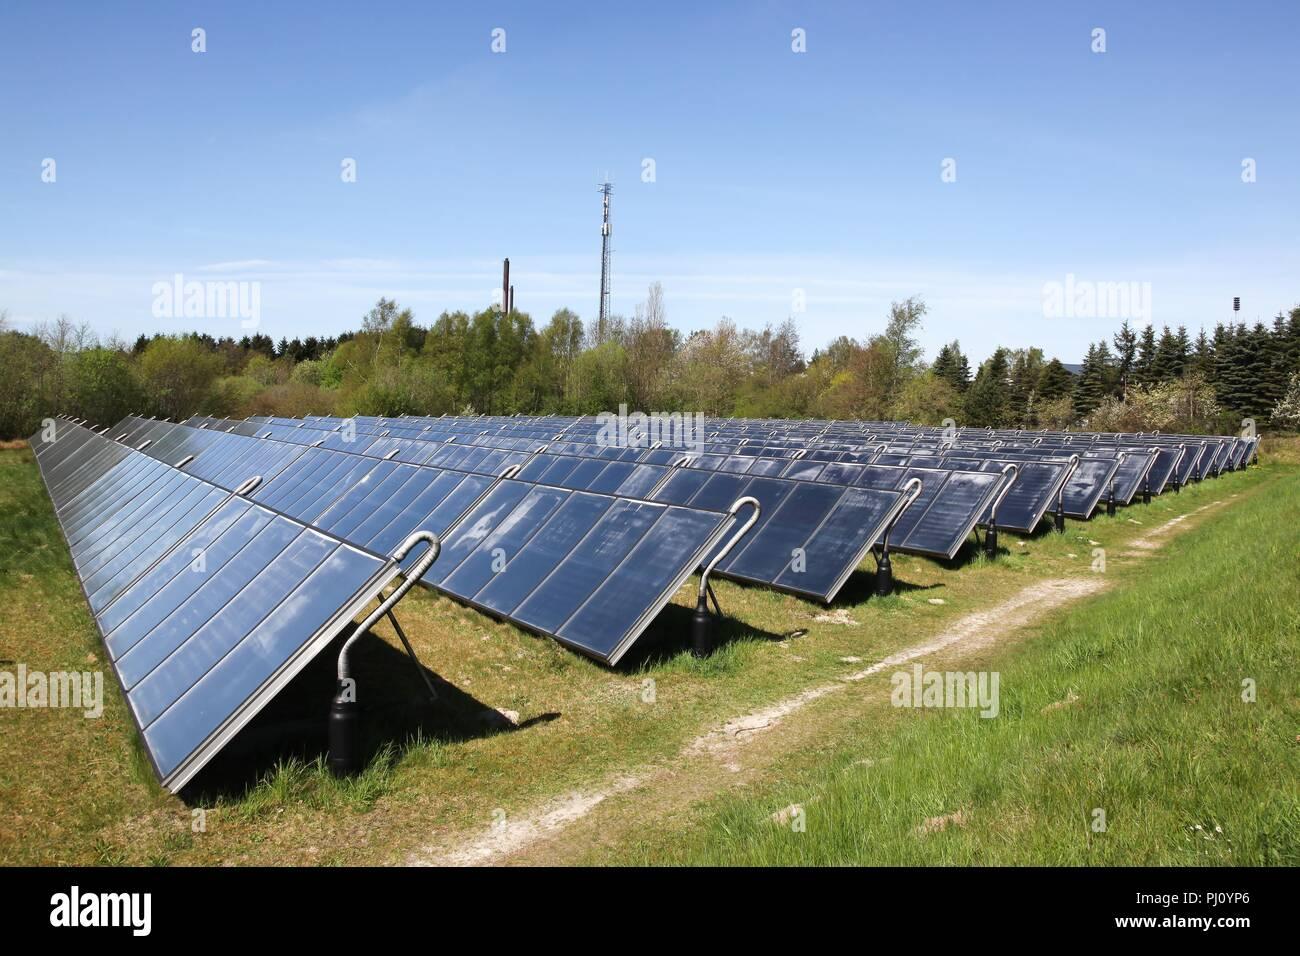 Groupe de panneaux d'énergie solaire thermique au Danemark Photo Stock